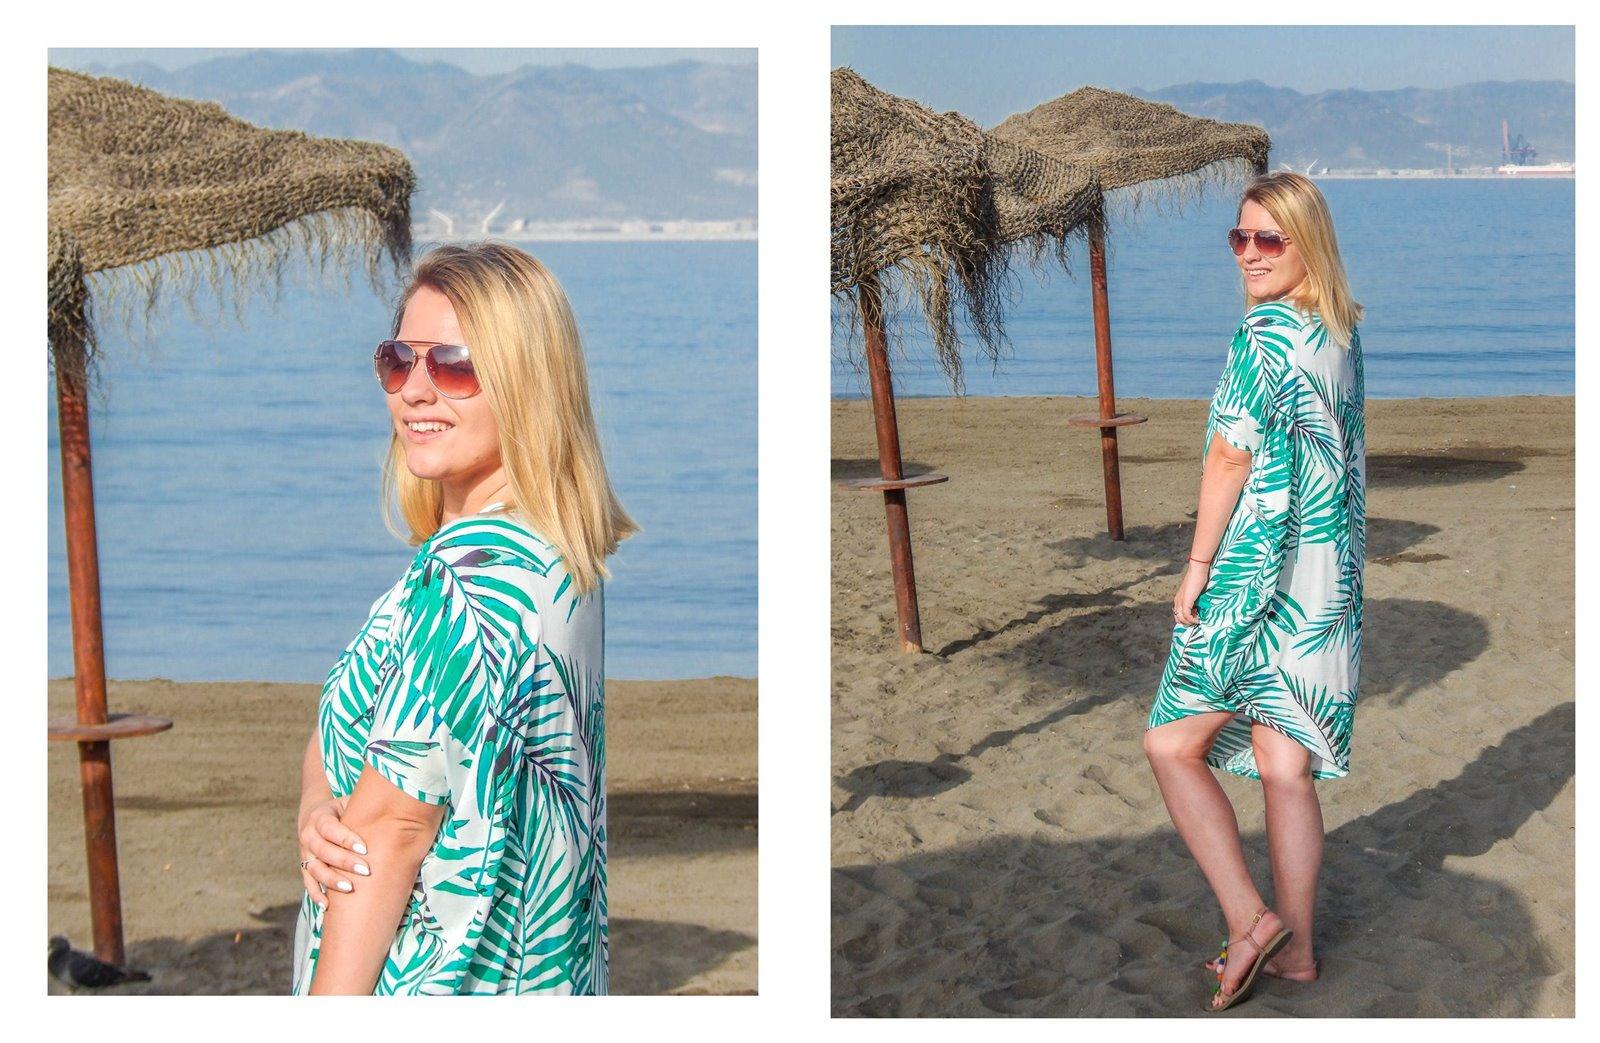 2_1_pod sukienka w palmy one mug a day palms fashion details polish blog polskie blogi modowe polska blogerka modowa melodylaniella łódź style fashion ootd posty uroda moda stylizacje lookbook